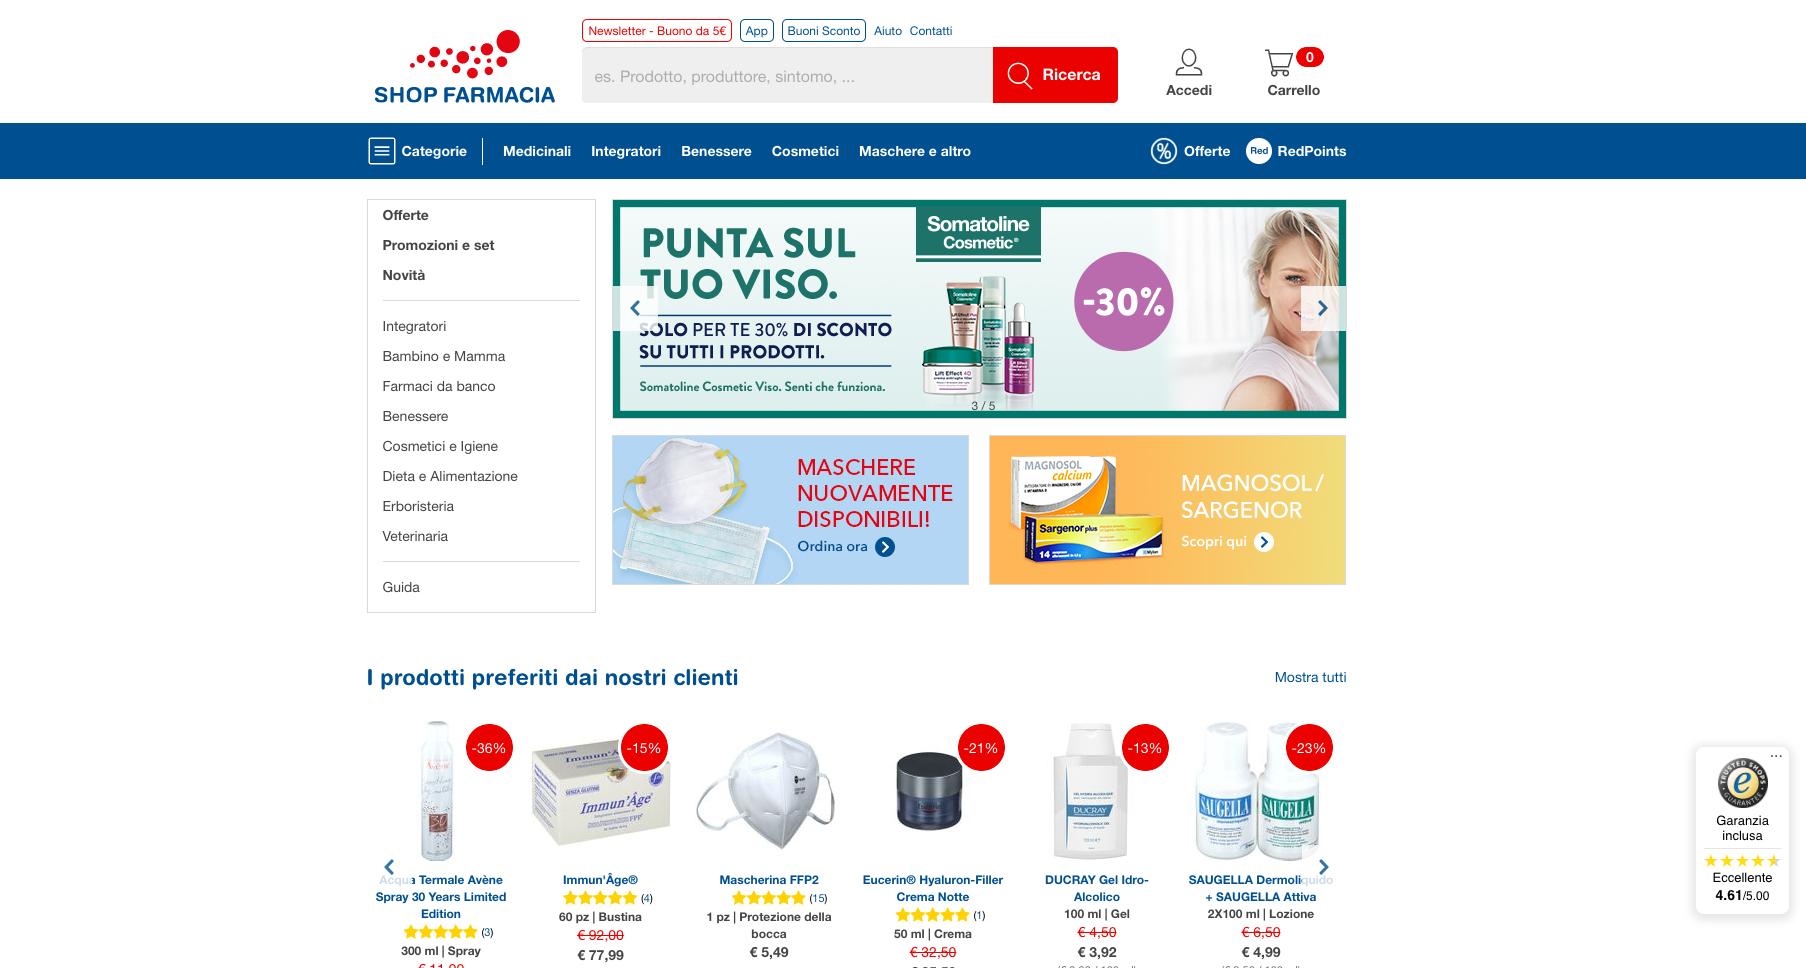 Shop Farmacia online